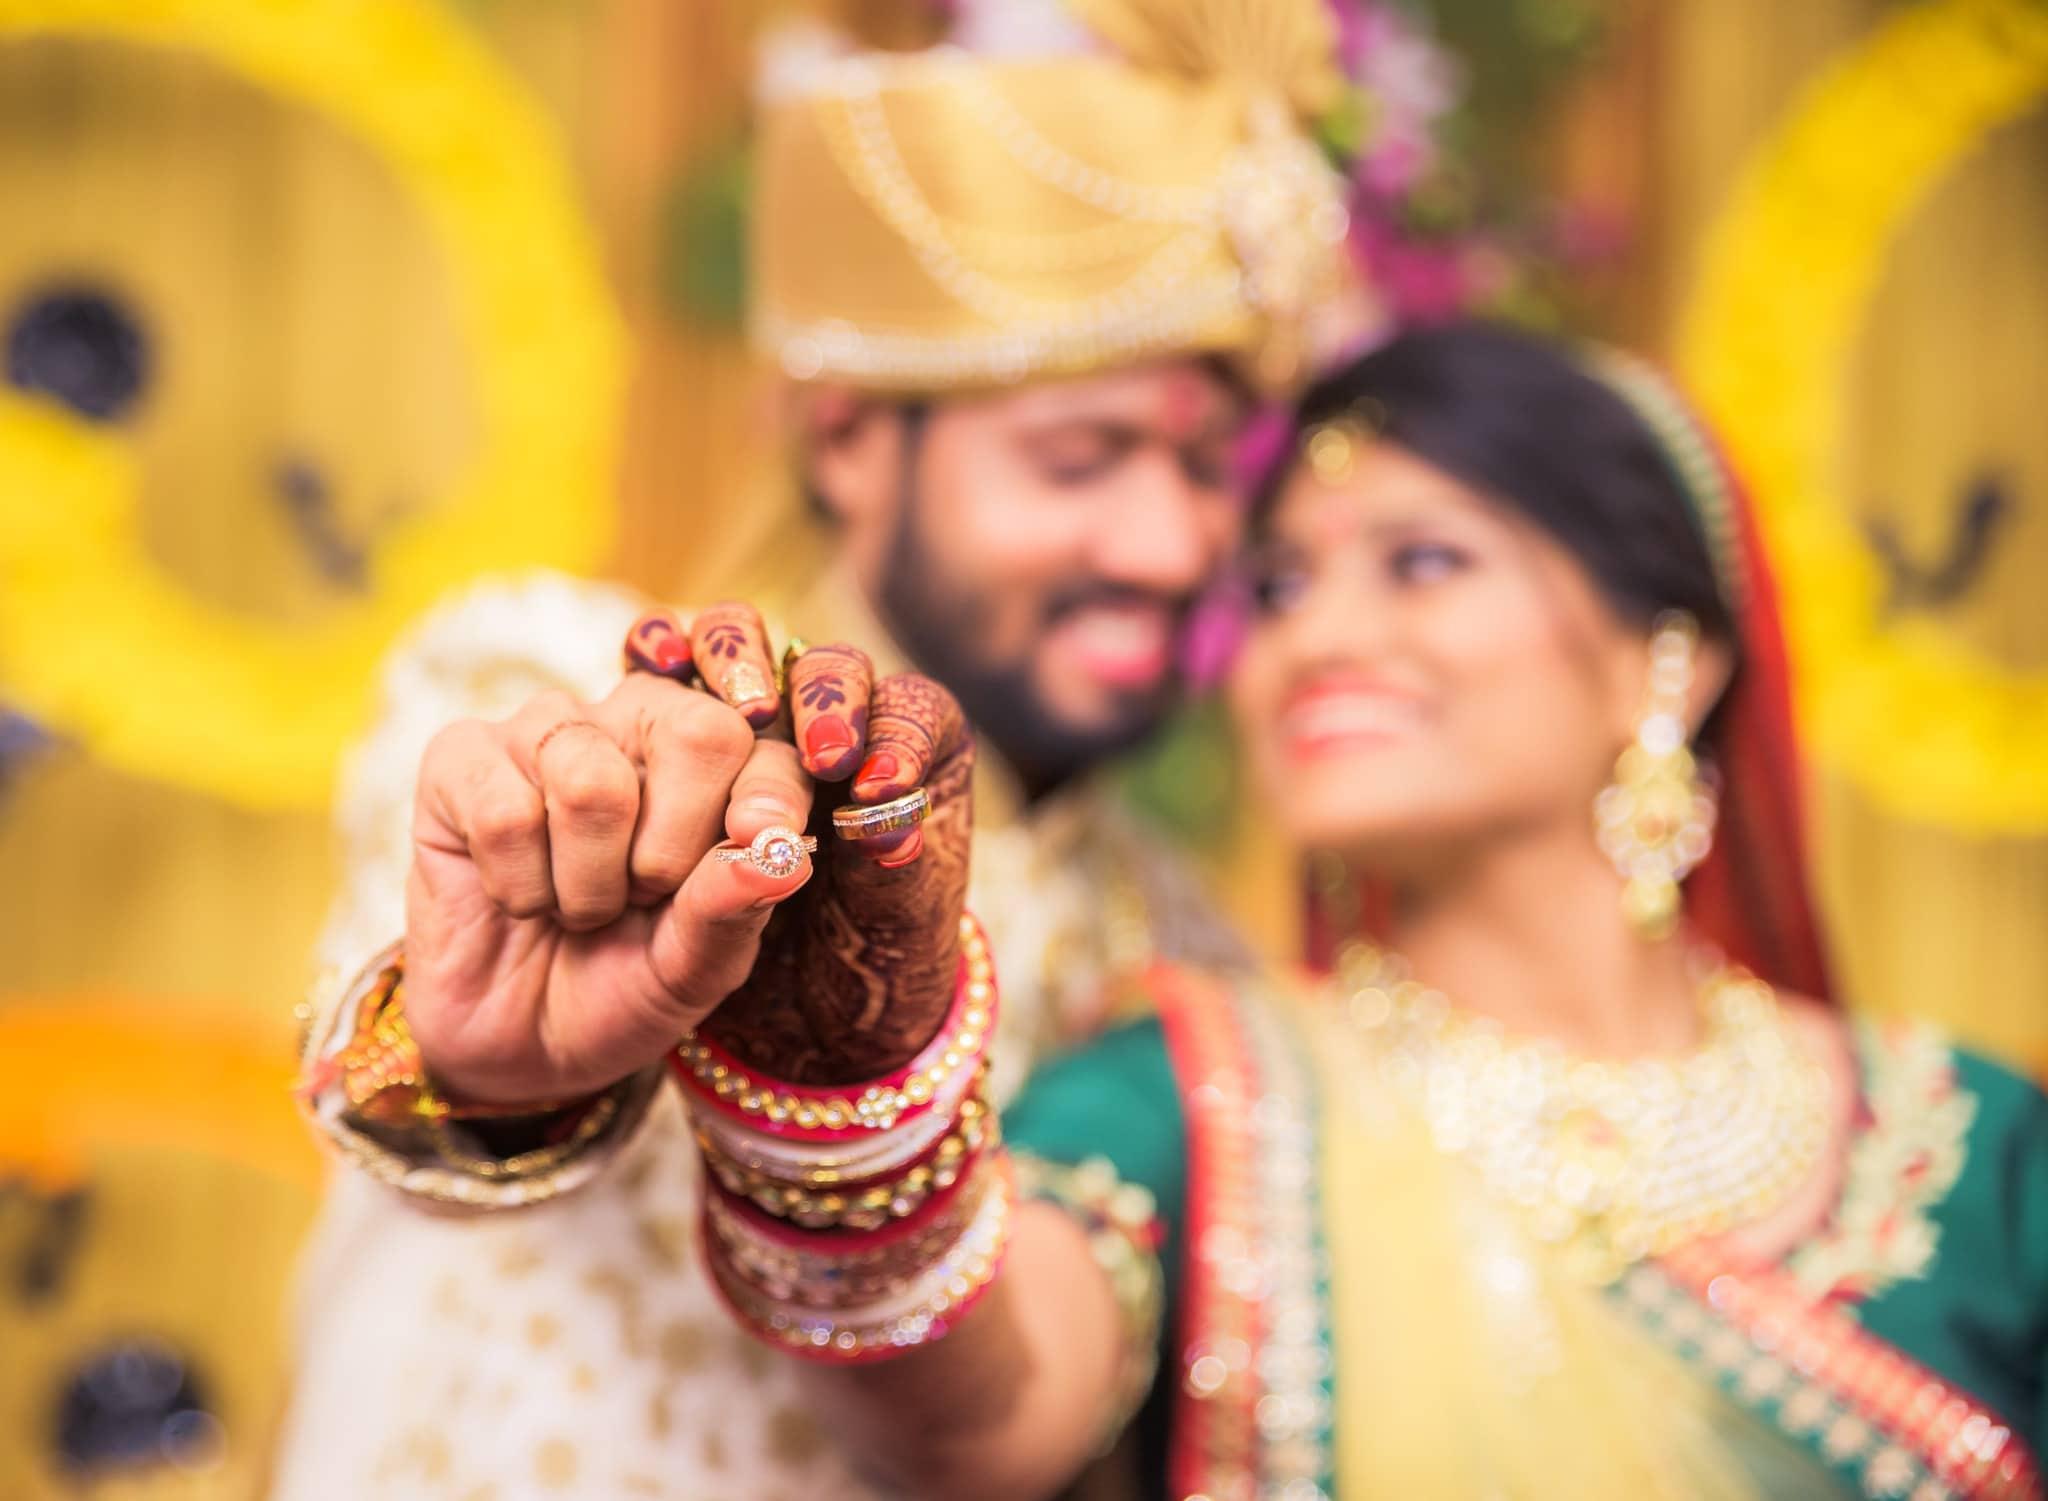 Ushma Akash Engaged